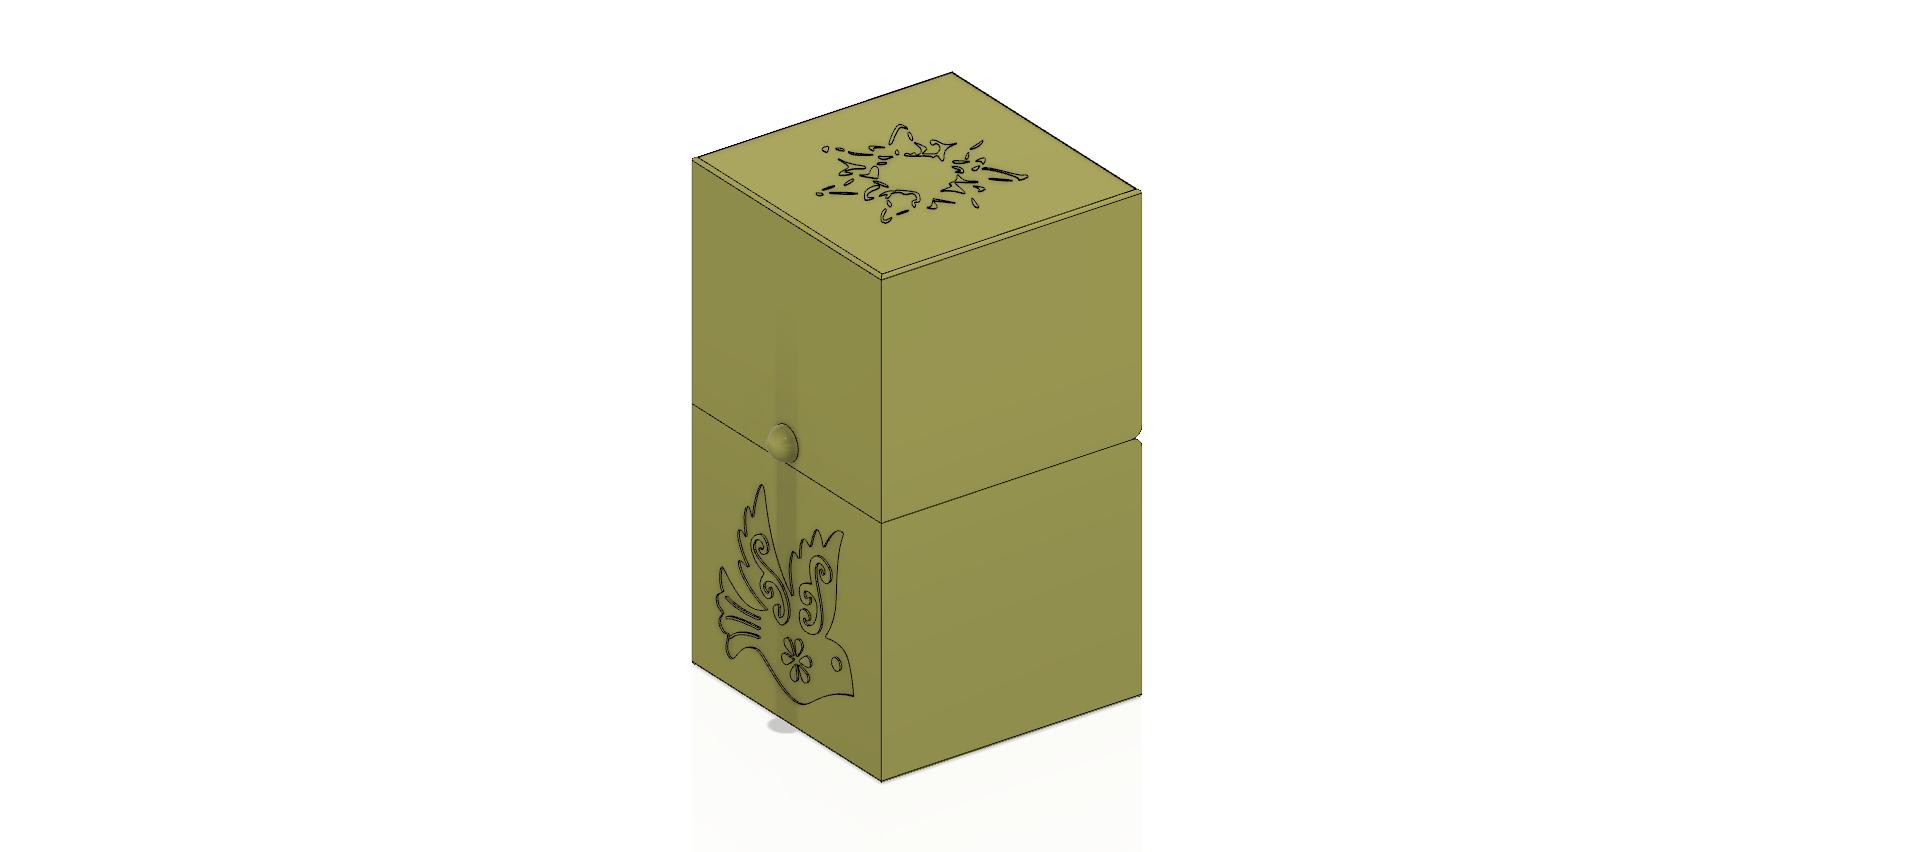 cube-02-a1 v1-15.png Descargar archivo OBJ Caja de regalo Caja secreta pequeña caja secreta Modelo de impresión en 3D • Modelo para imprimir en 3D, Dzusto